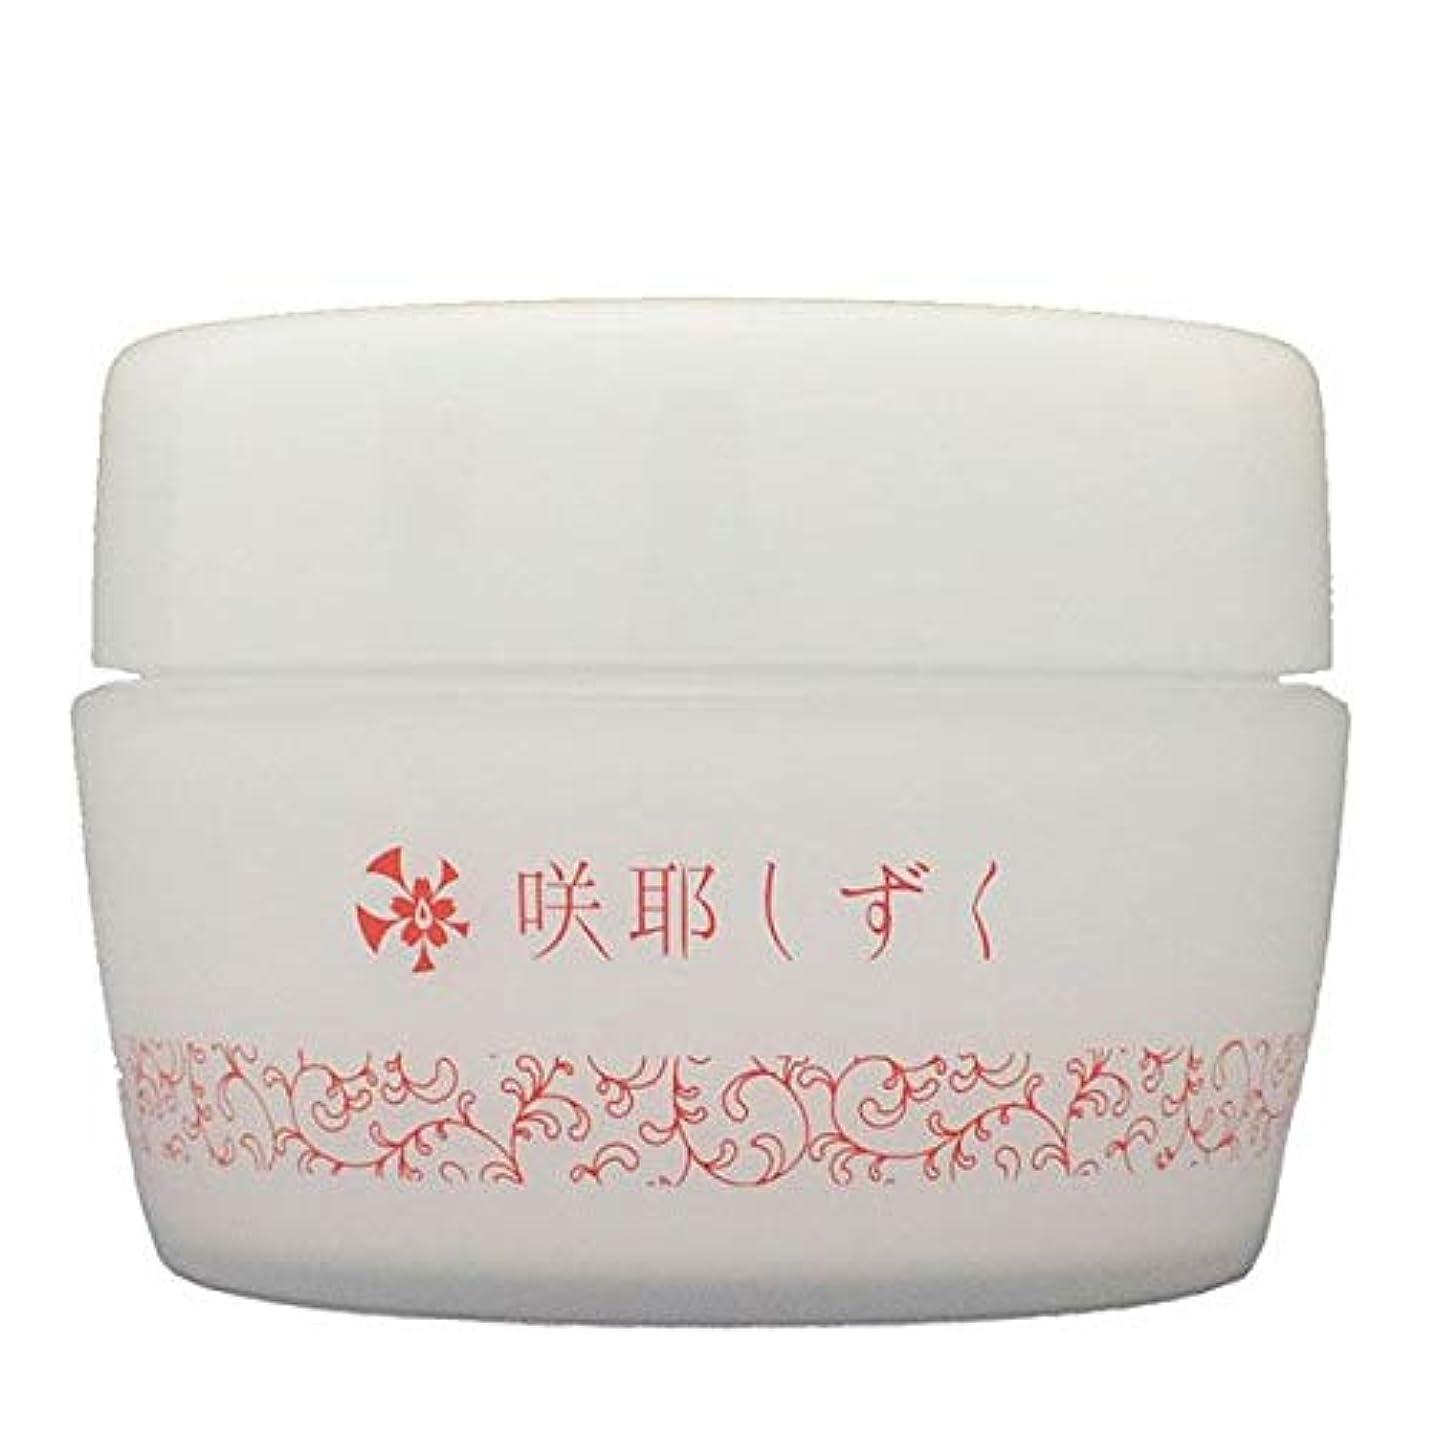 迫害しなやかなマイナス咲耶しずく クリーム 乾燥肌 さくやしずく 敏感肌 エムズジャパン M's Japan ms-sge01